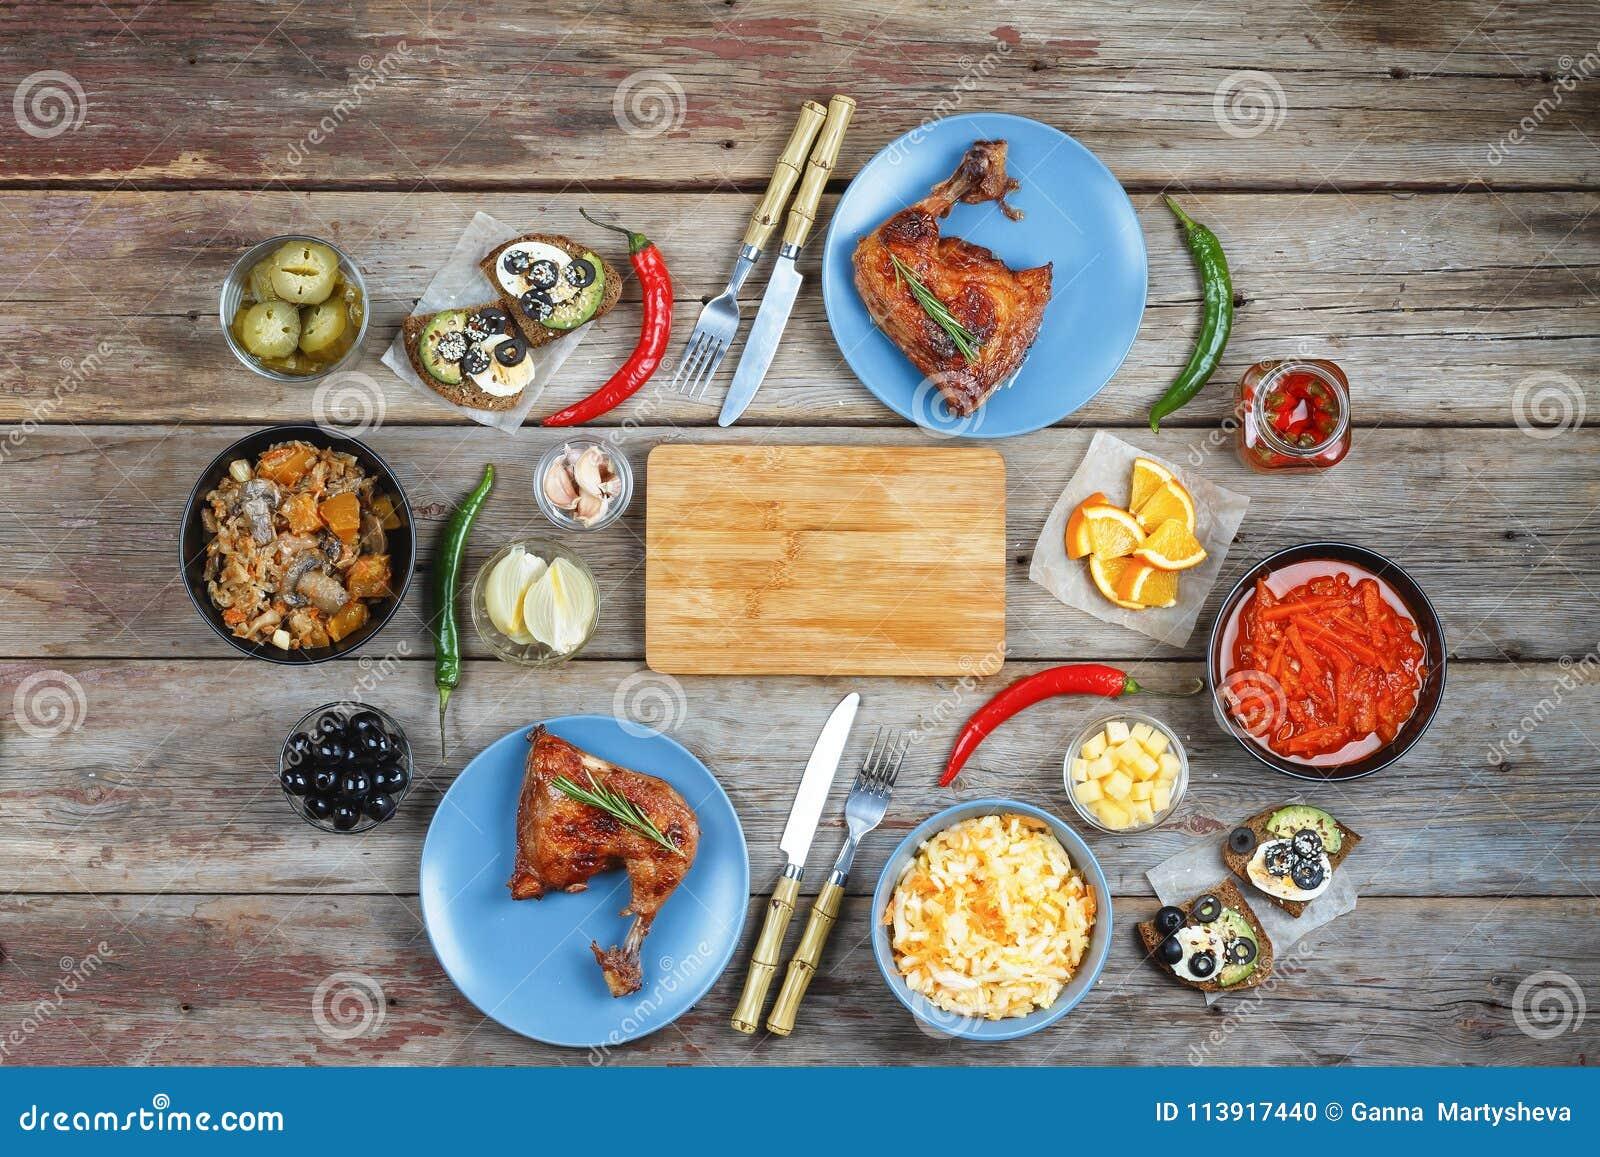 Lebensmittel, Abendessen, Platte, Mahlzeit, Mittagessen, köstlich, geschmackvoll, Tabelle, Küken